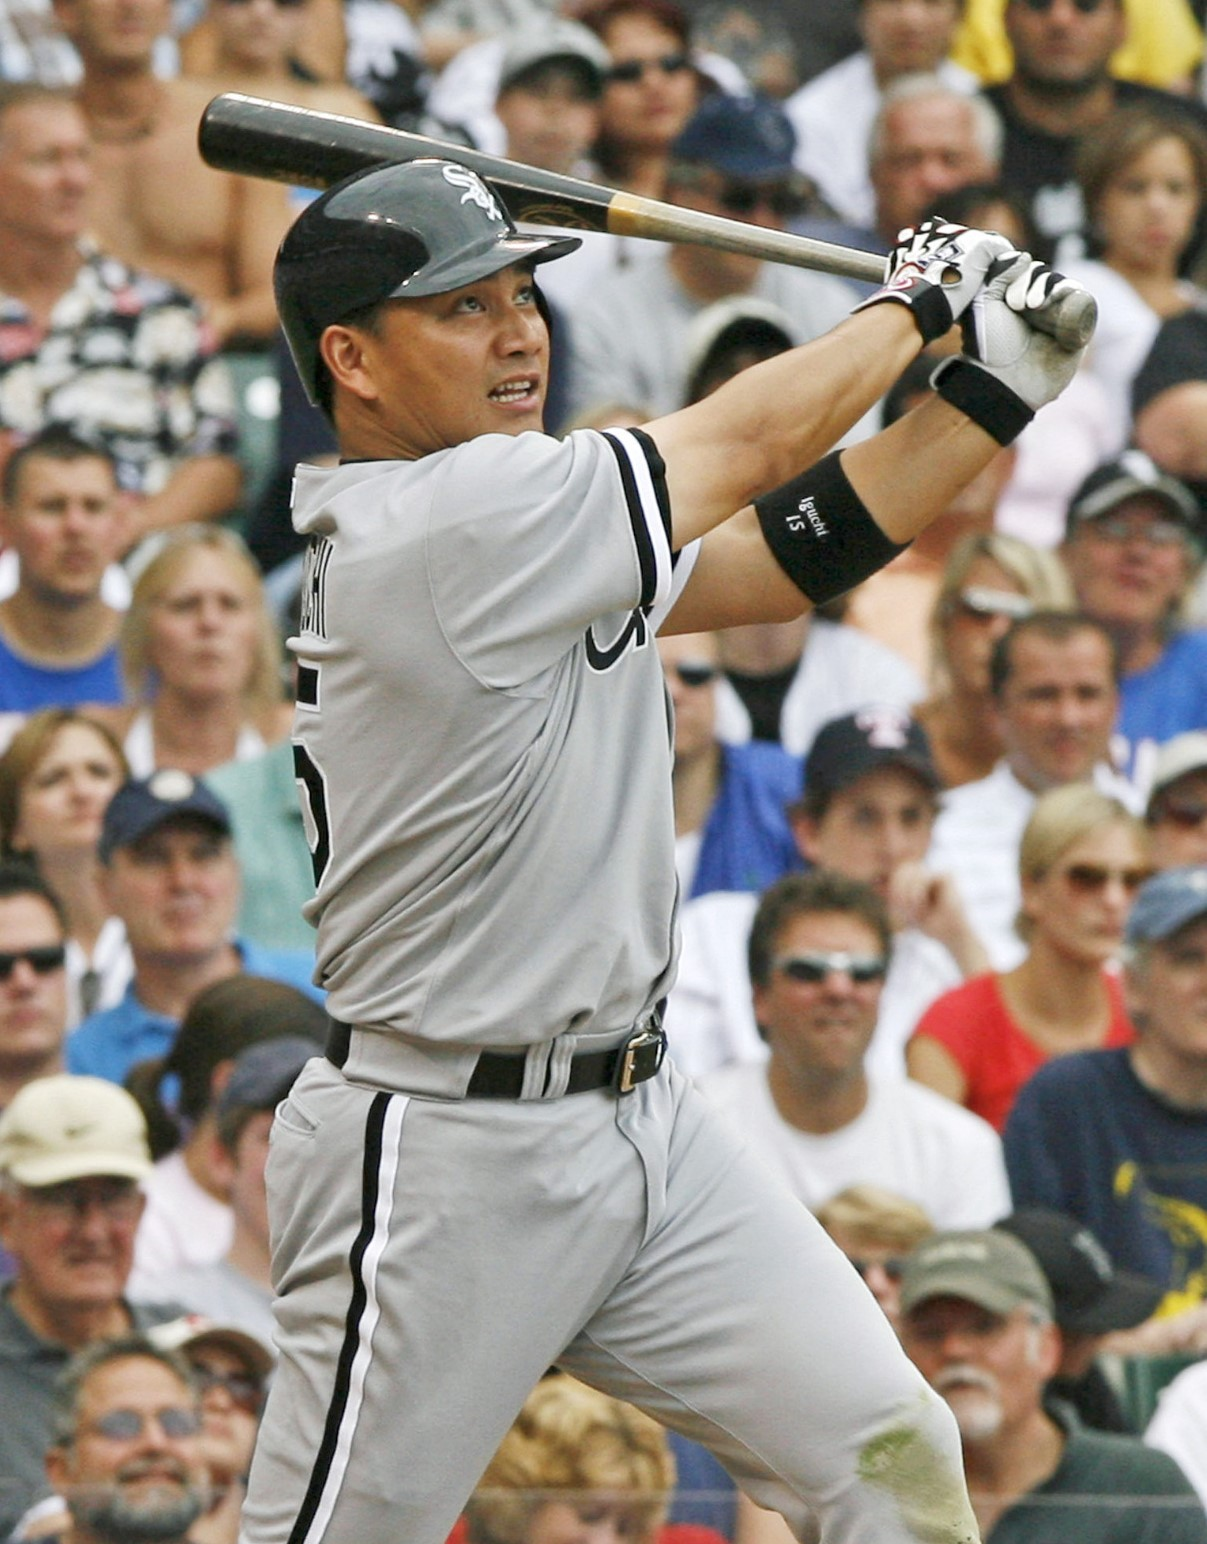 井口、9号含む2安打 カブス戦の8回、右越えに本塁打を放つホワイトソックスの井口=リグリー・フィールド